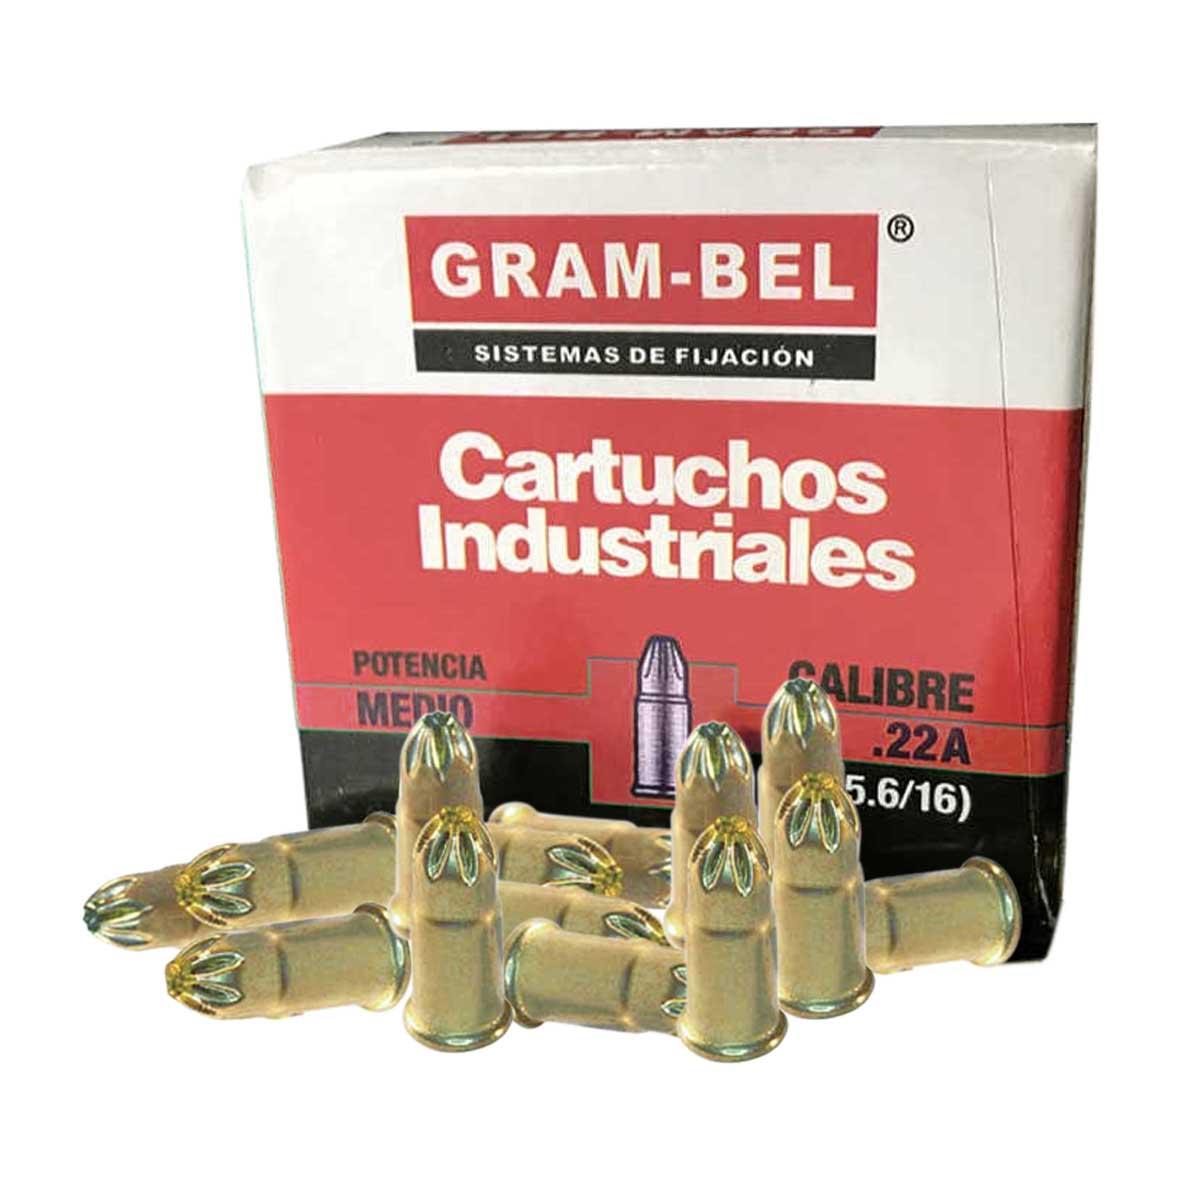 Cartucho Suelto Rojo Cal22 100Pz De Pistola Impacto Gram-Bel